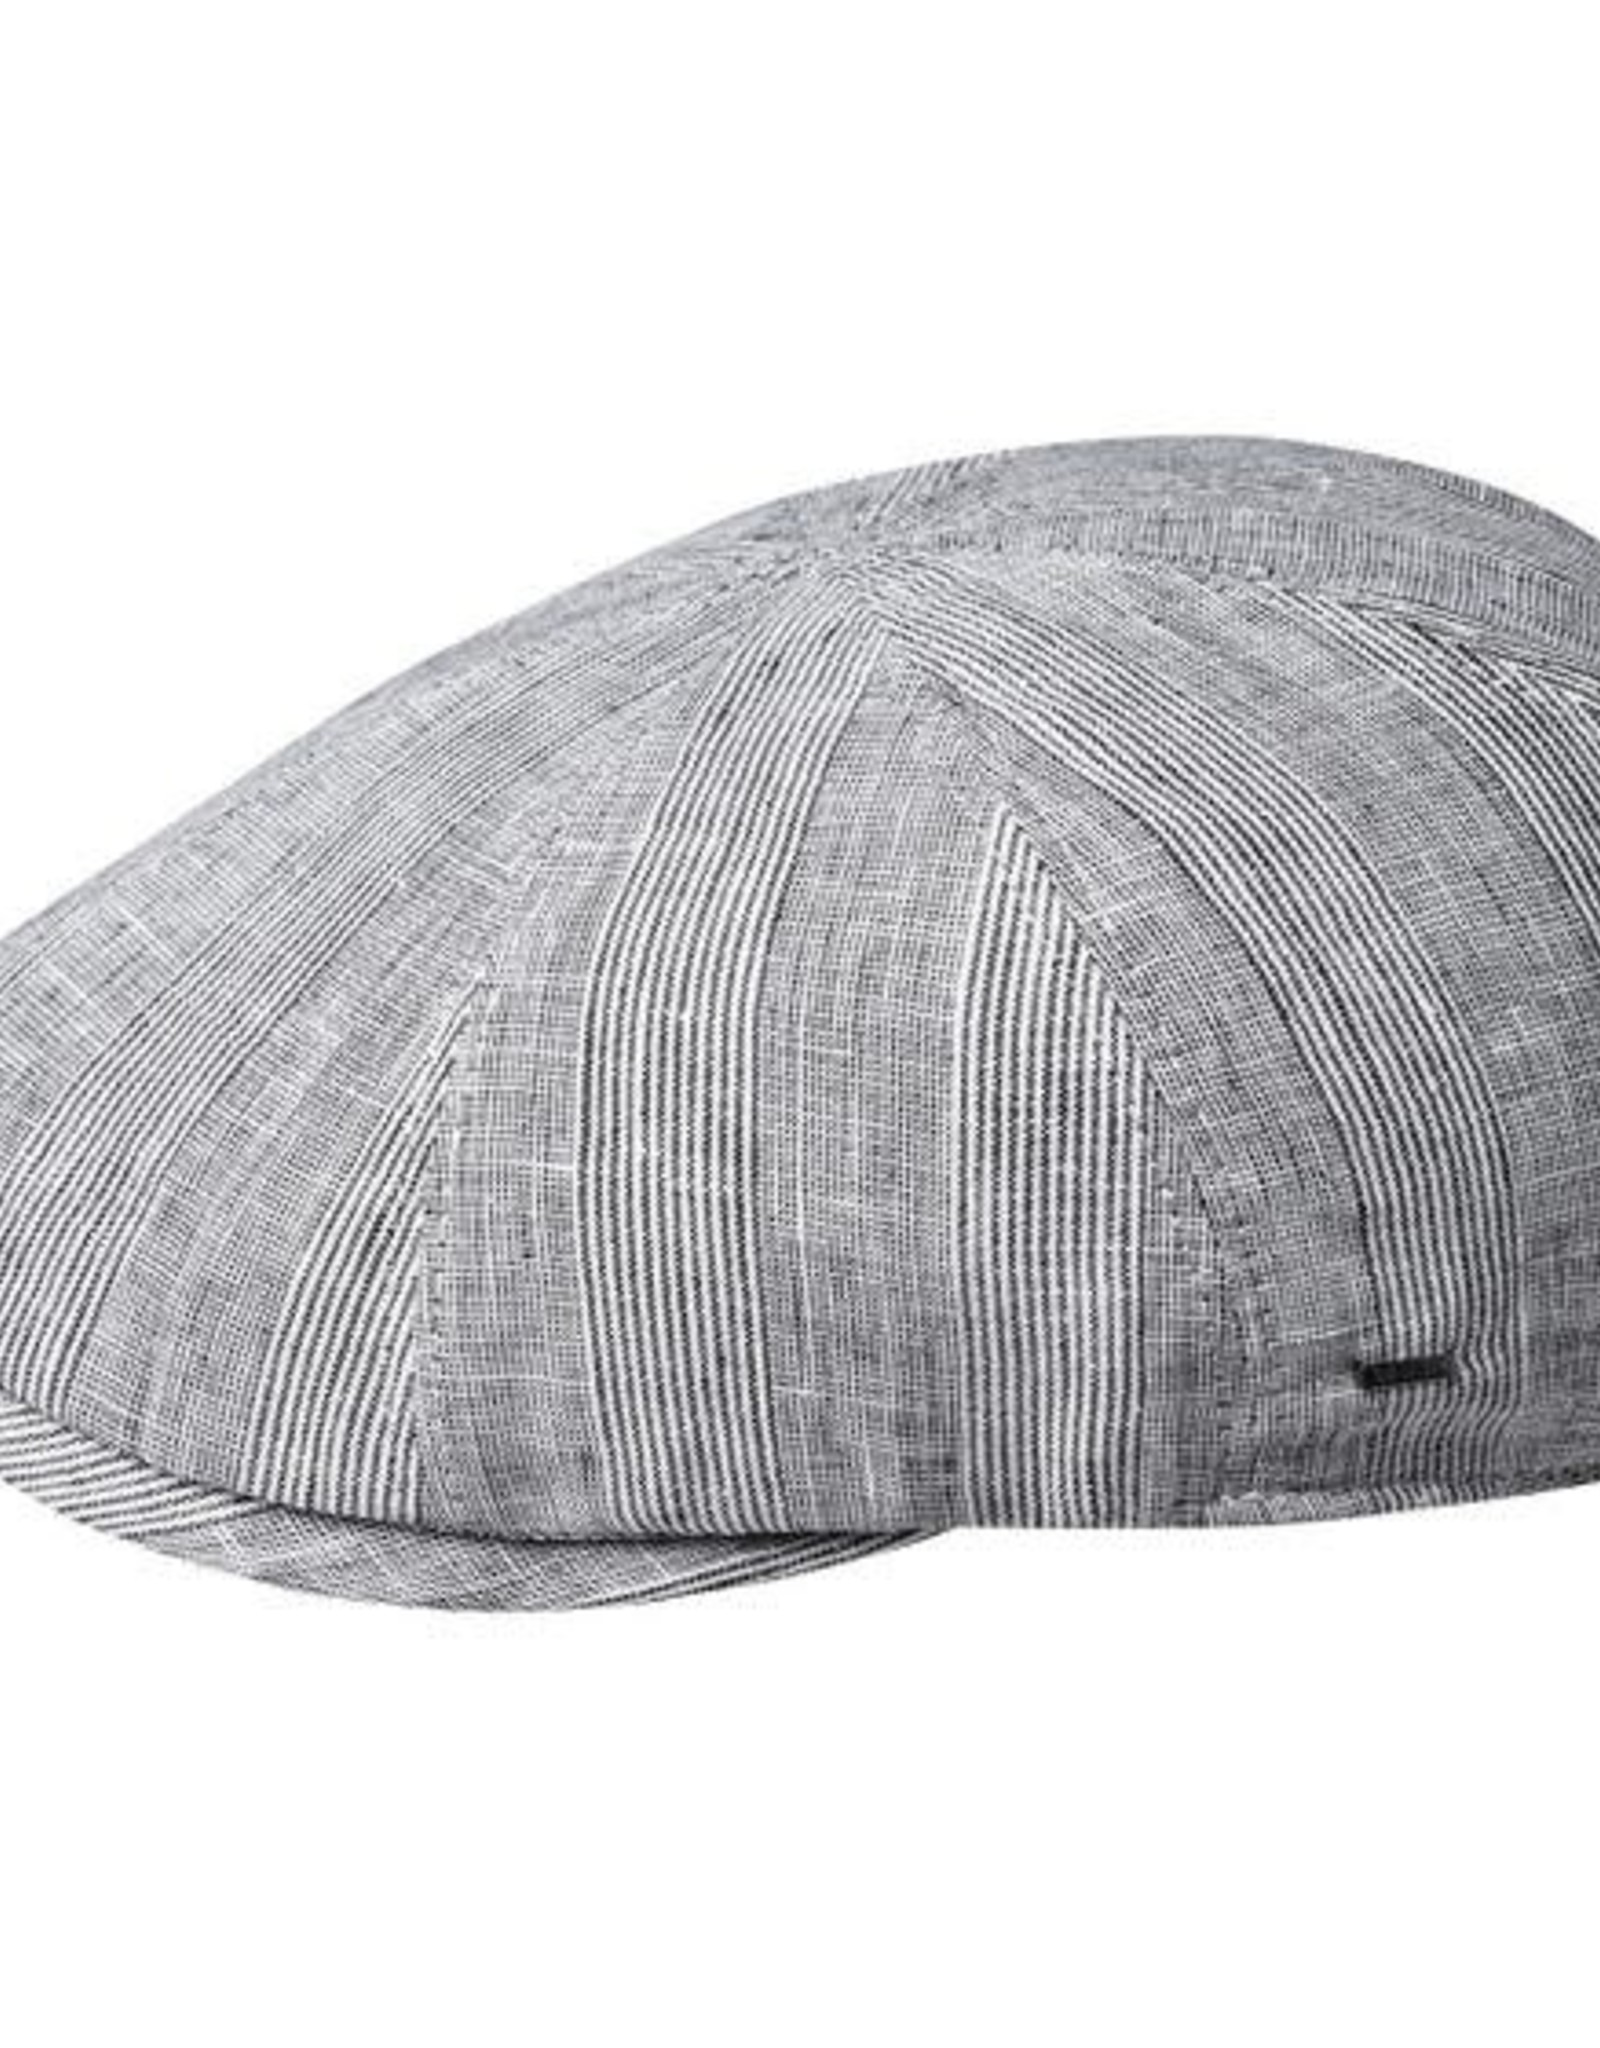 Bailey Hat Co. HAT-IVY CAP-ALSEN, 5-PANEL GREY